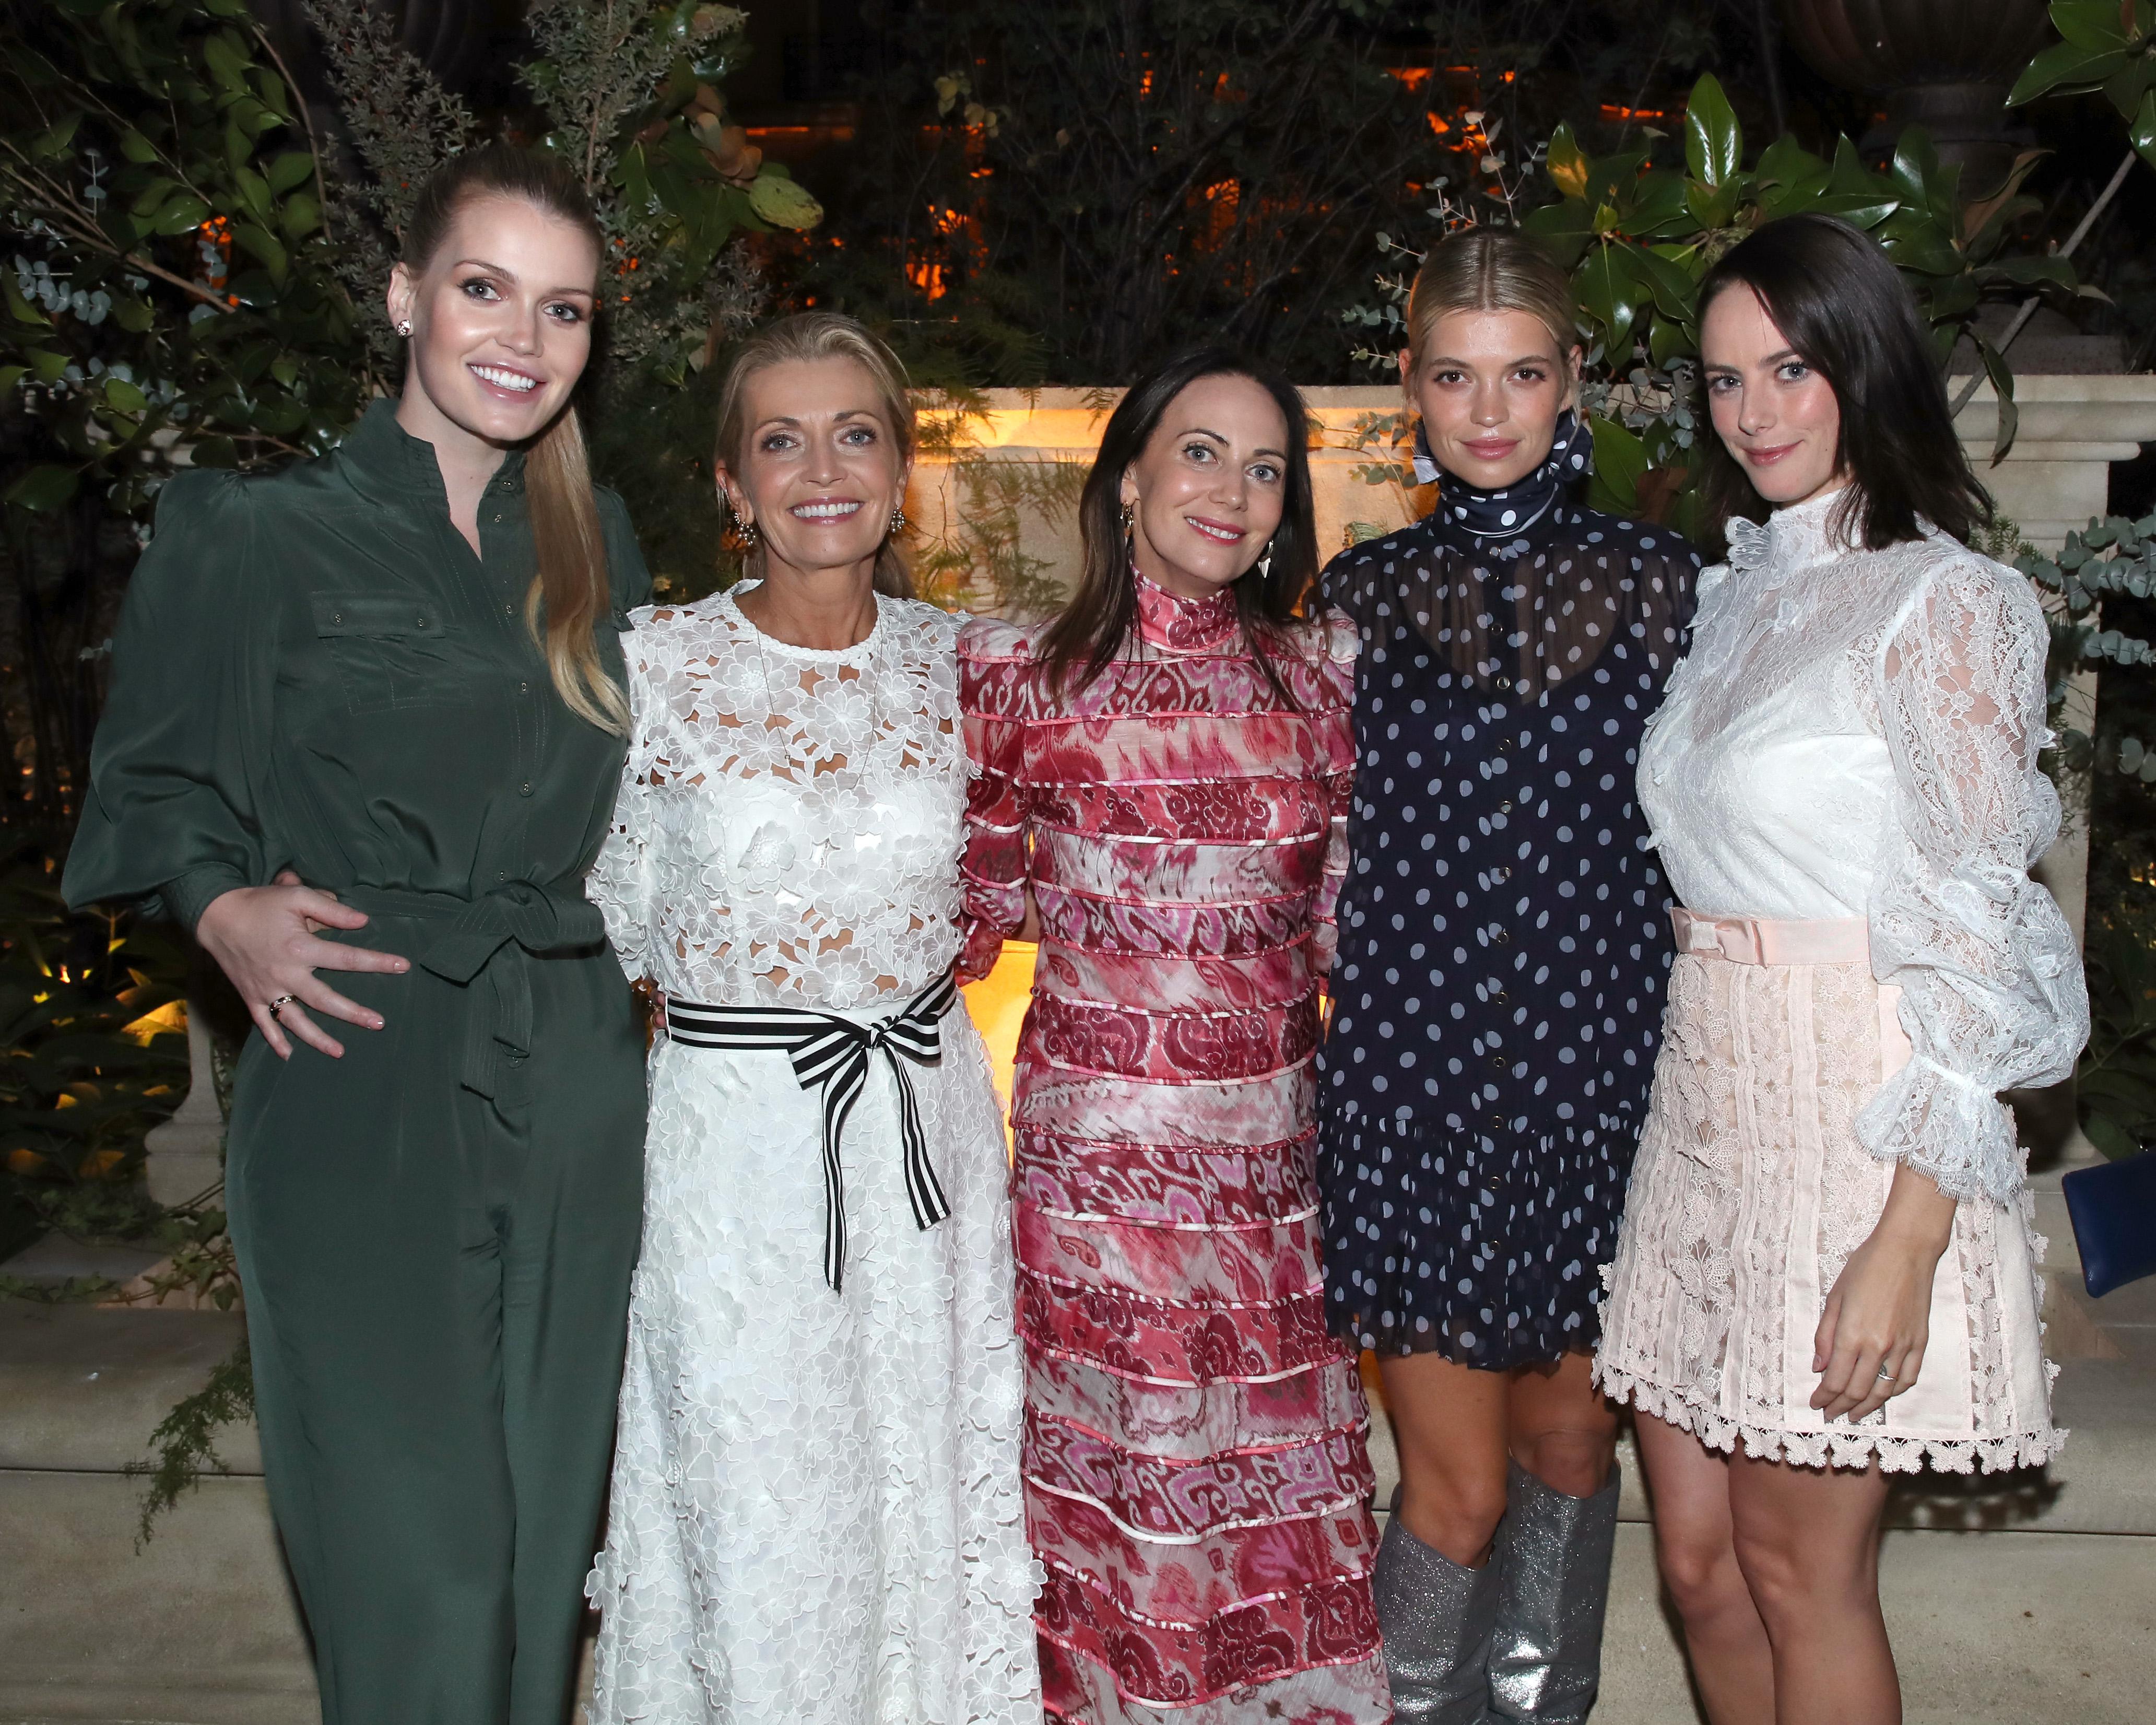 Lady Kitty Spencer, Simone Zimmermann, Nicky Zimmermann, Pixie Geldof and Kaya Scodelario.